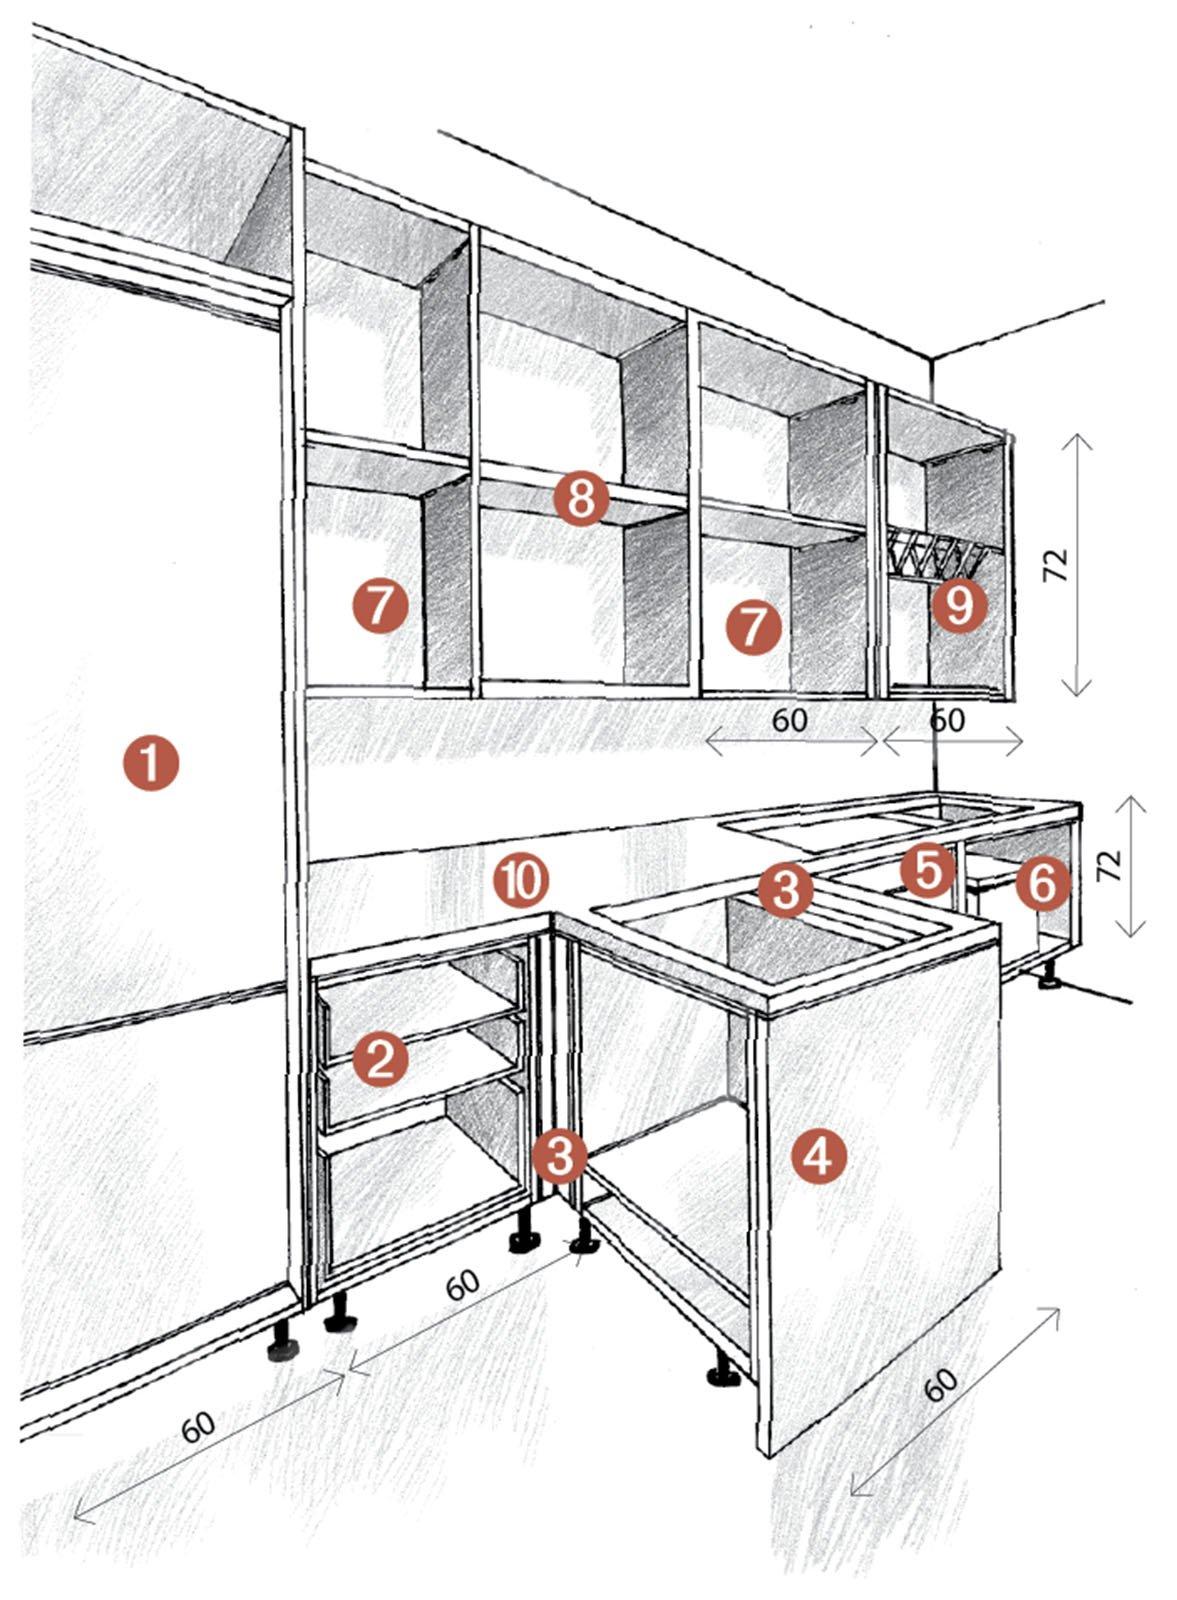 Misure Standard Piano Cottura Cucina cucina concentrata in 3 metri. 2 progetti con render - cose